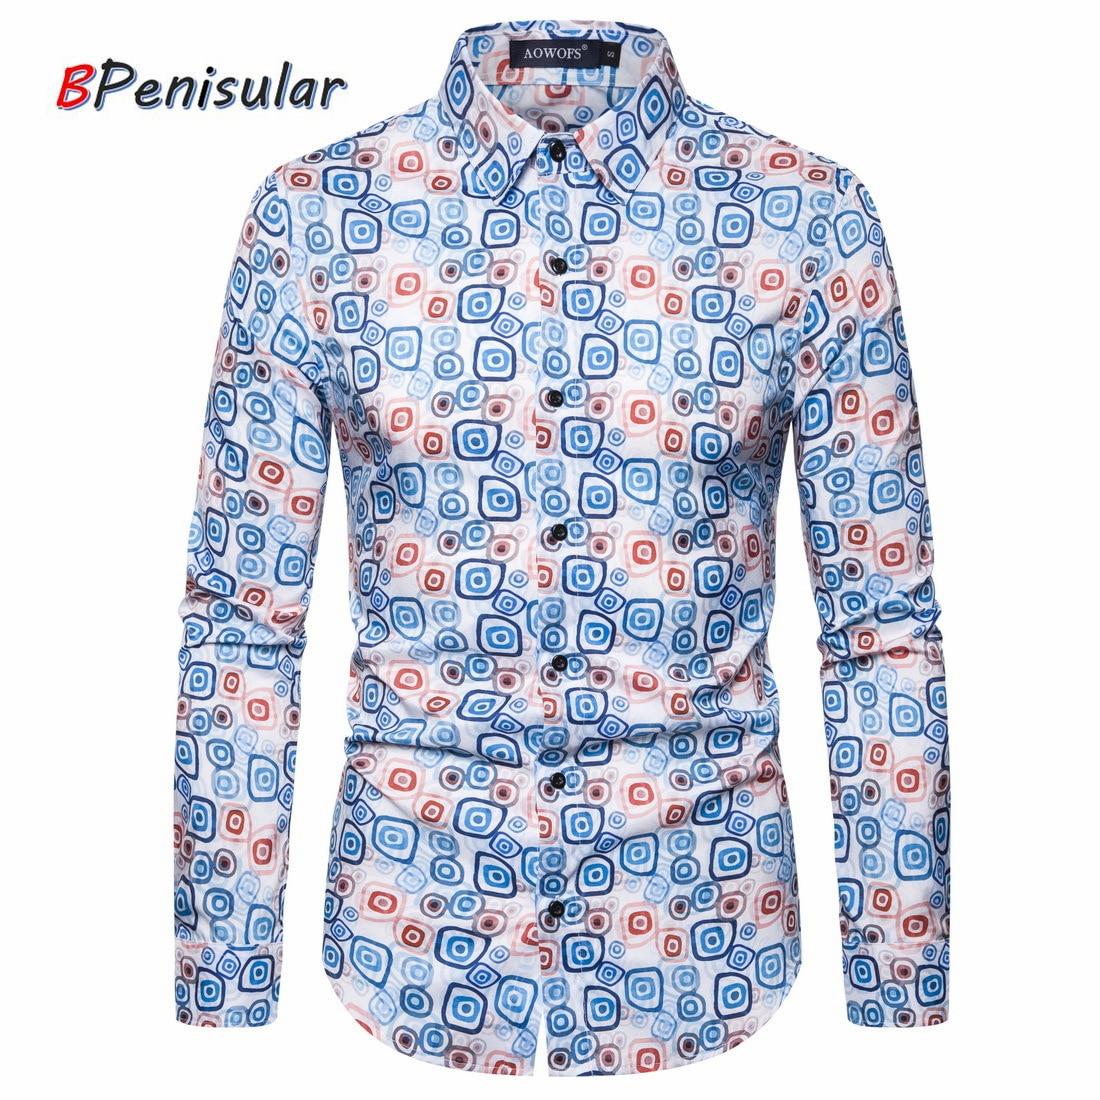 Ropa informal japonesa primavera 2020 Camisa para Hombre con estampado de círculos ajustada Camisa hawaiana Vestido de manga larga Camisa para Hombre Camisa Hombre